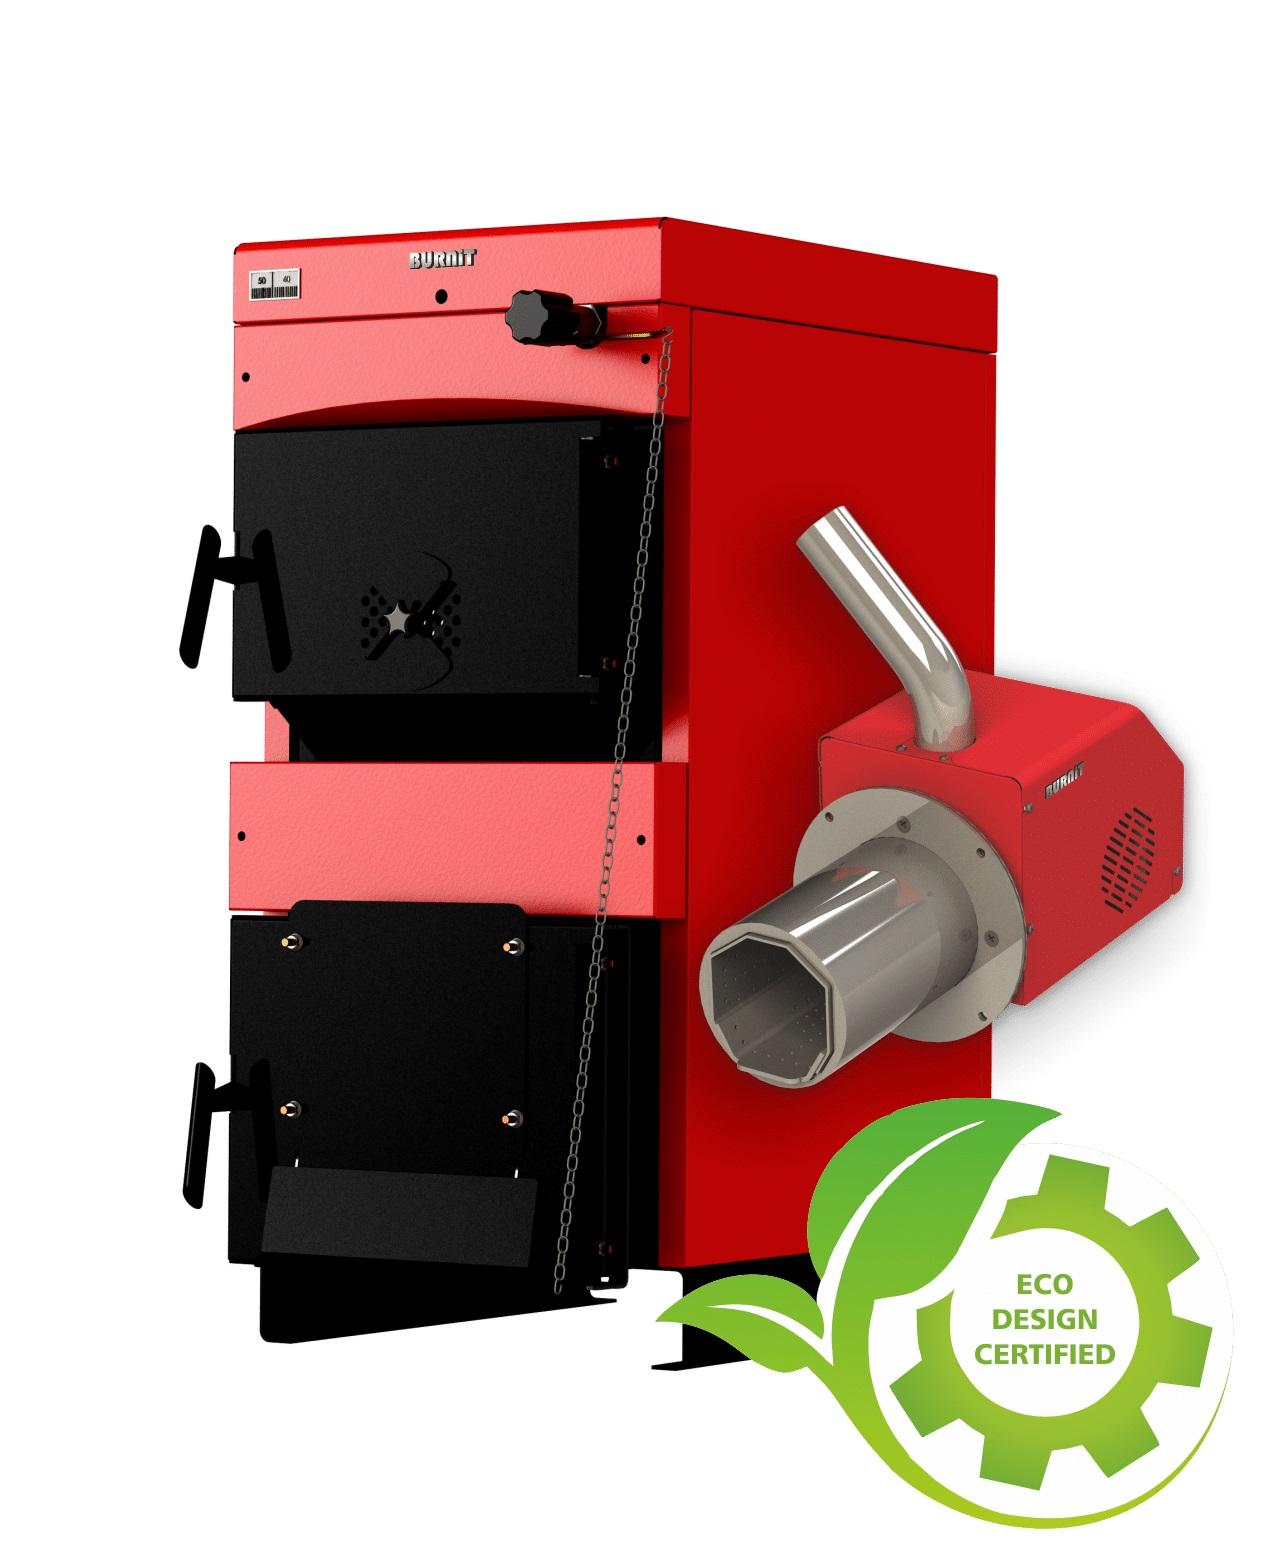 Centrala mixta lemn si peleti Burnit WBS 50 kW si Arzator pe peleti Pell Eco 35 kW imagine fornello.ro